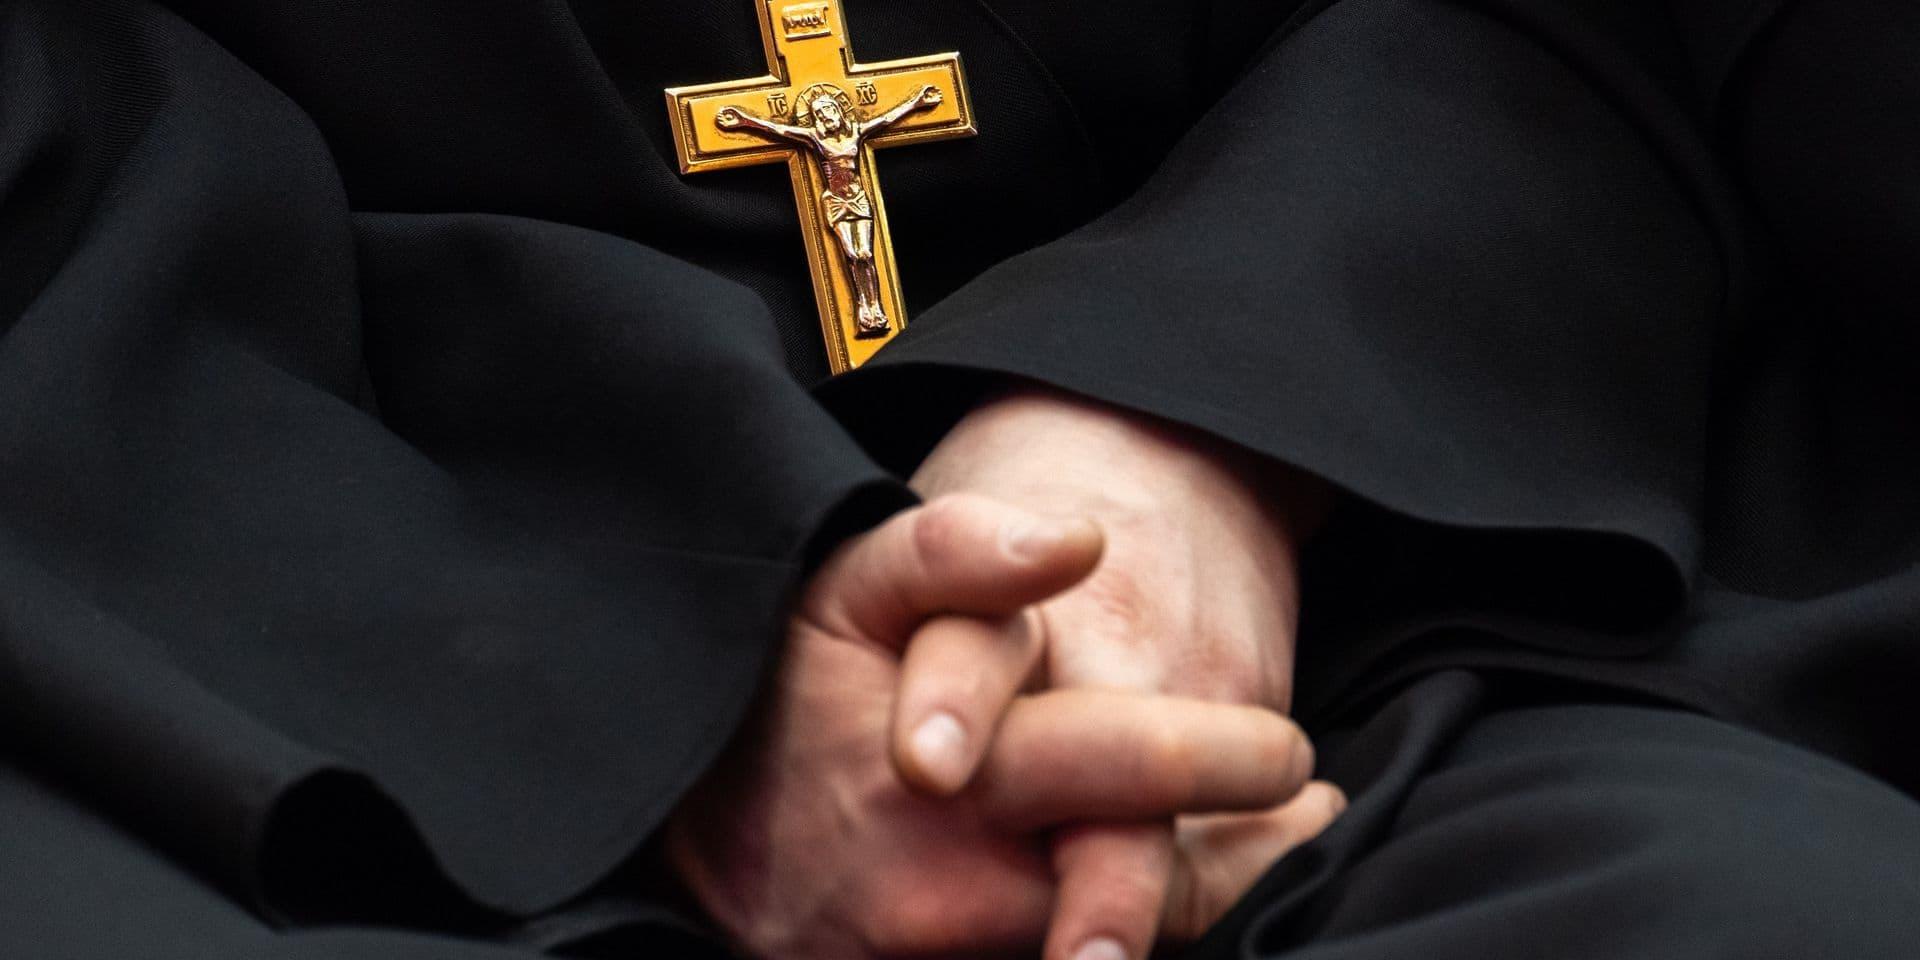 Arrestation en Suisse d'un prêtre condamné à Bruxelles pour abus sexuel sur mineur